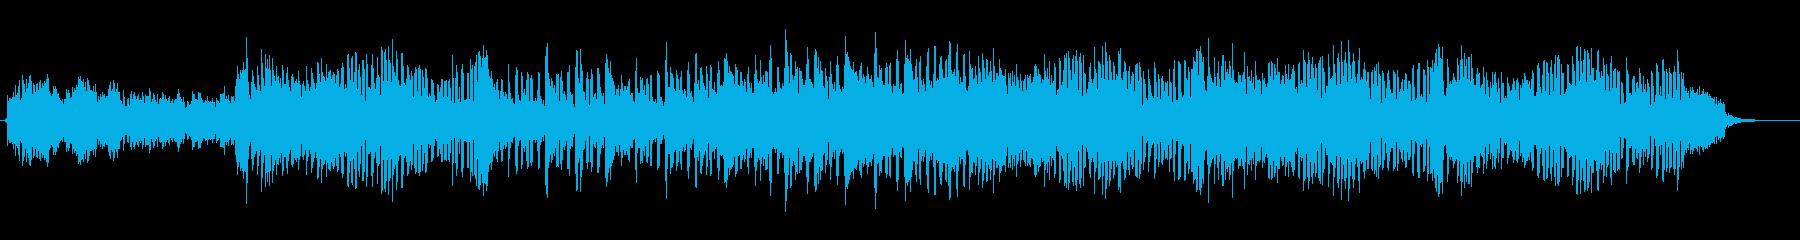 爽快でポジティブなアコースティック曲Bの再生済みの波形